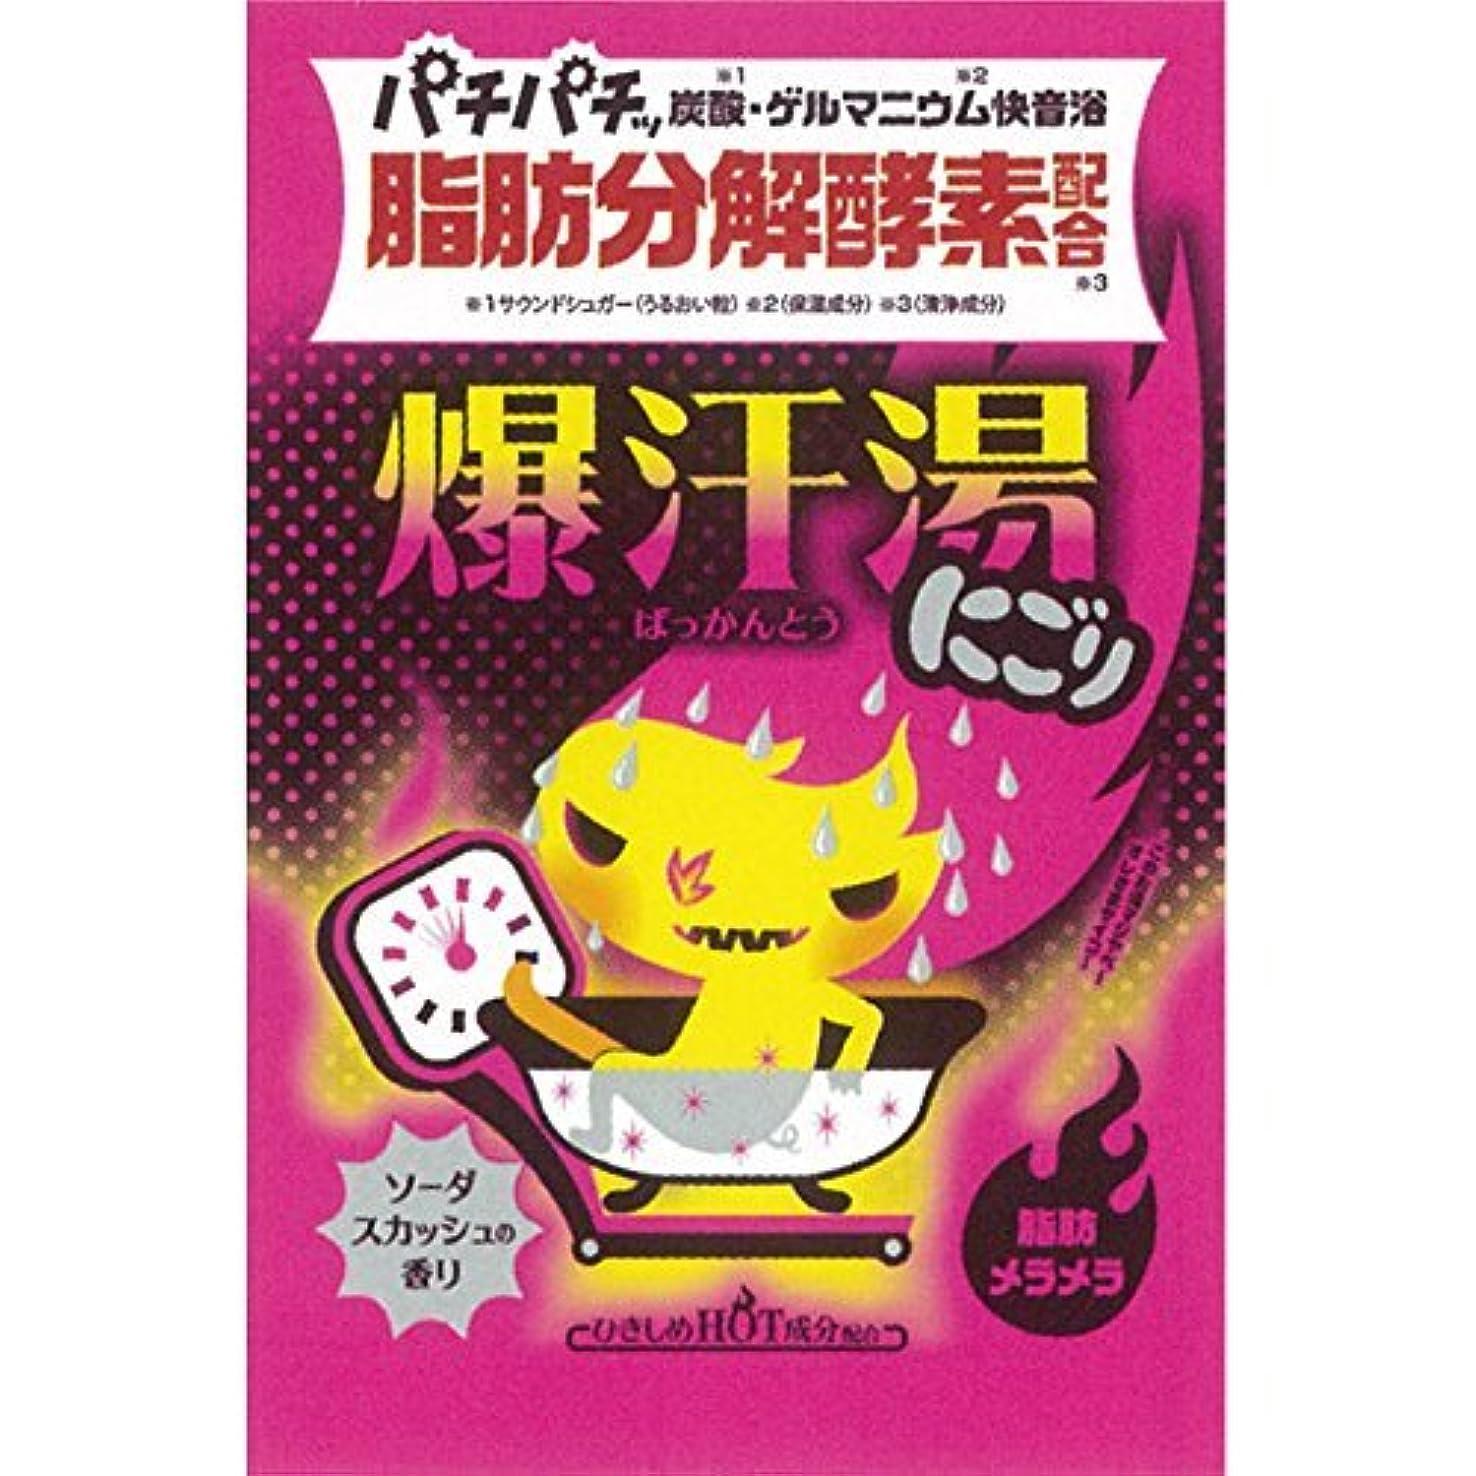 軽量わかる物思いにふける爆汗湯 ゲルマニウム快音浴 にごり ソーダスカッシュの香り(入浴剤)